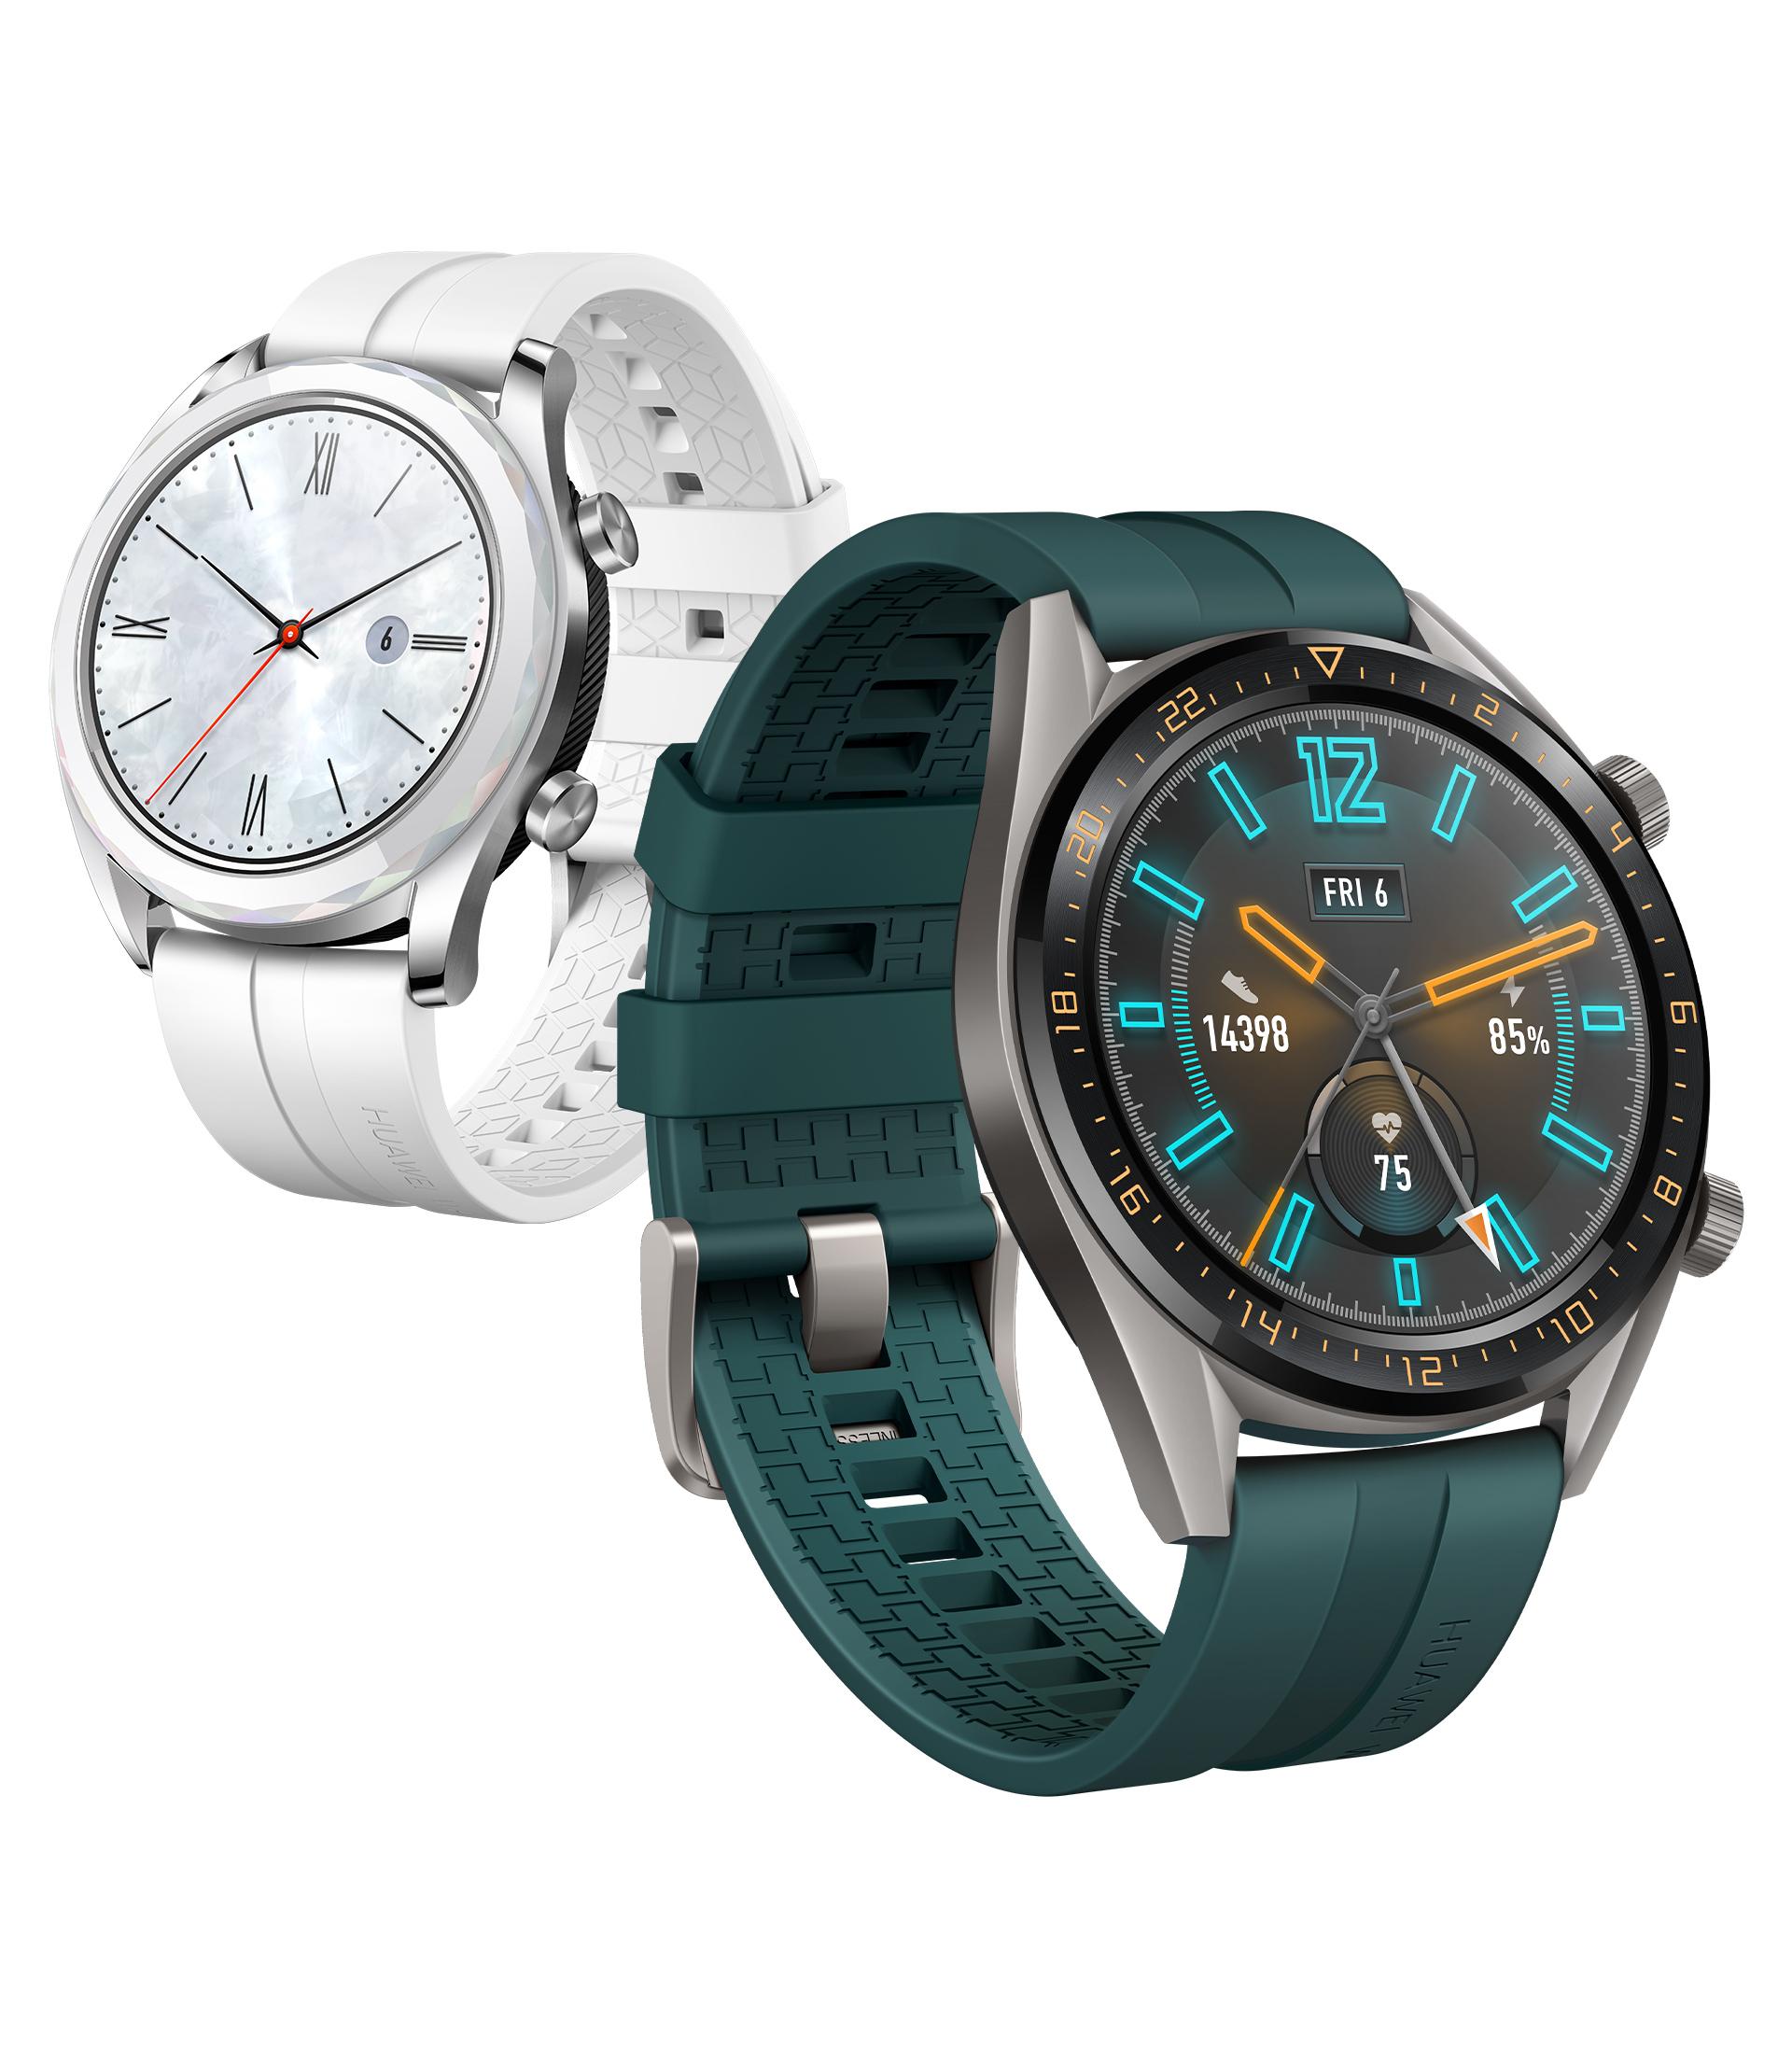 HUAWEI P30 Pro Weihnachts-Aktion mit der HUAWEI Watch GT Active (Dark Green) oder Elegant (Weiß)